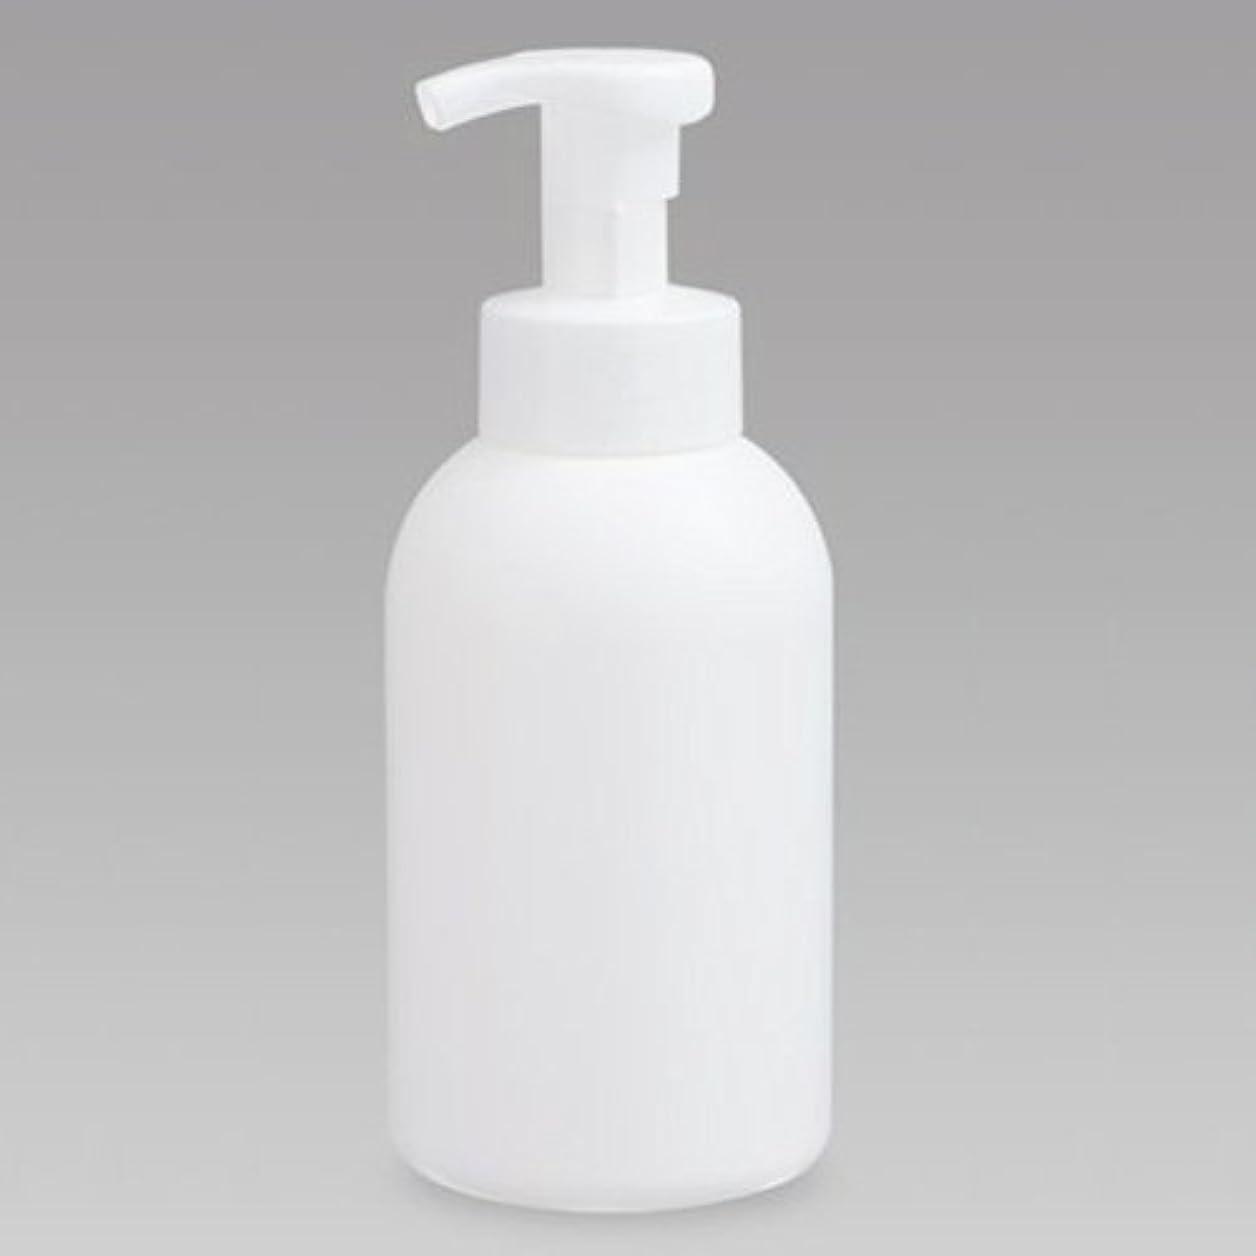 即席宇宙正気泡ボトル 泡ポンプボトル 500mL(PE) ホワイト 詰め替え 詰替 泡ハンドソープ 全身石鹸 ボディソープ 洗顔フォーム